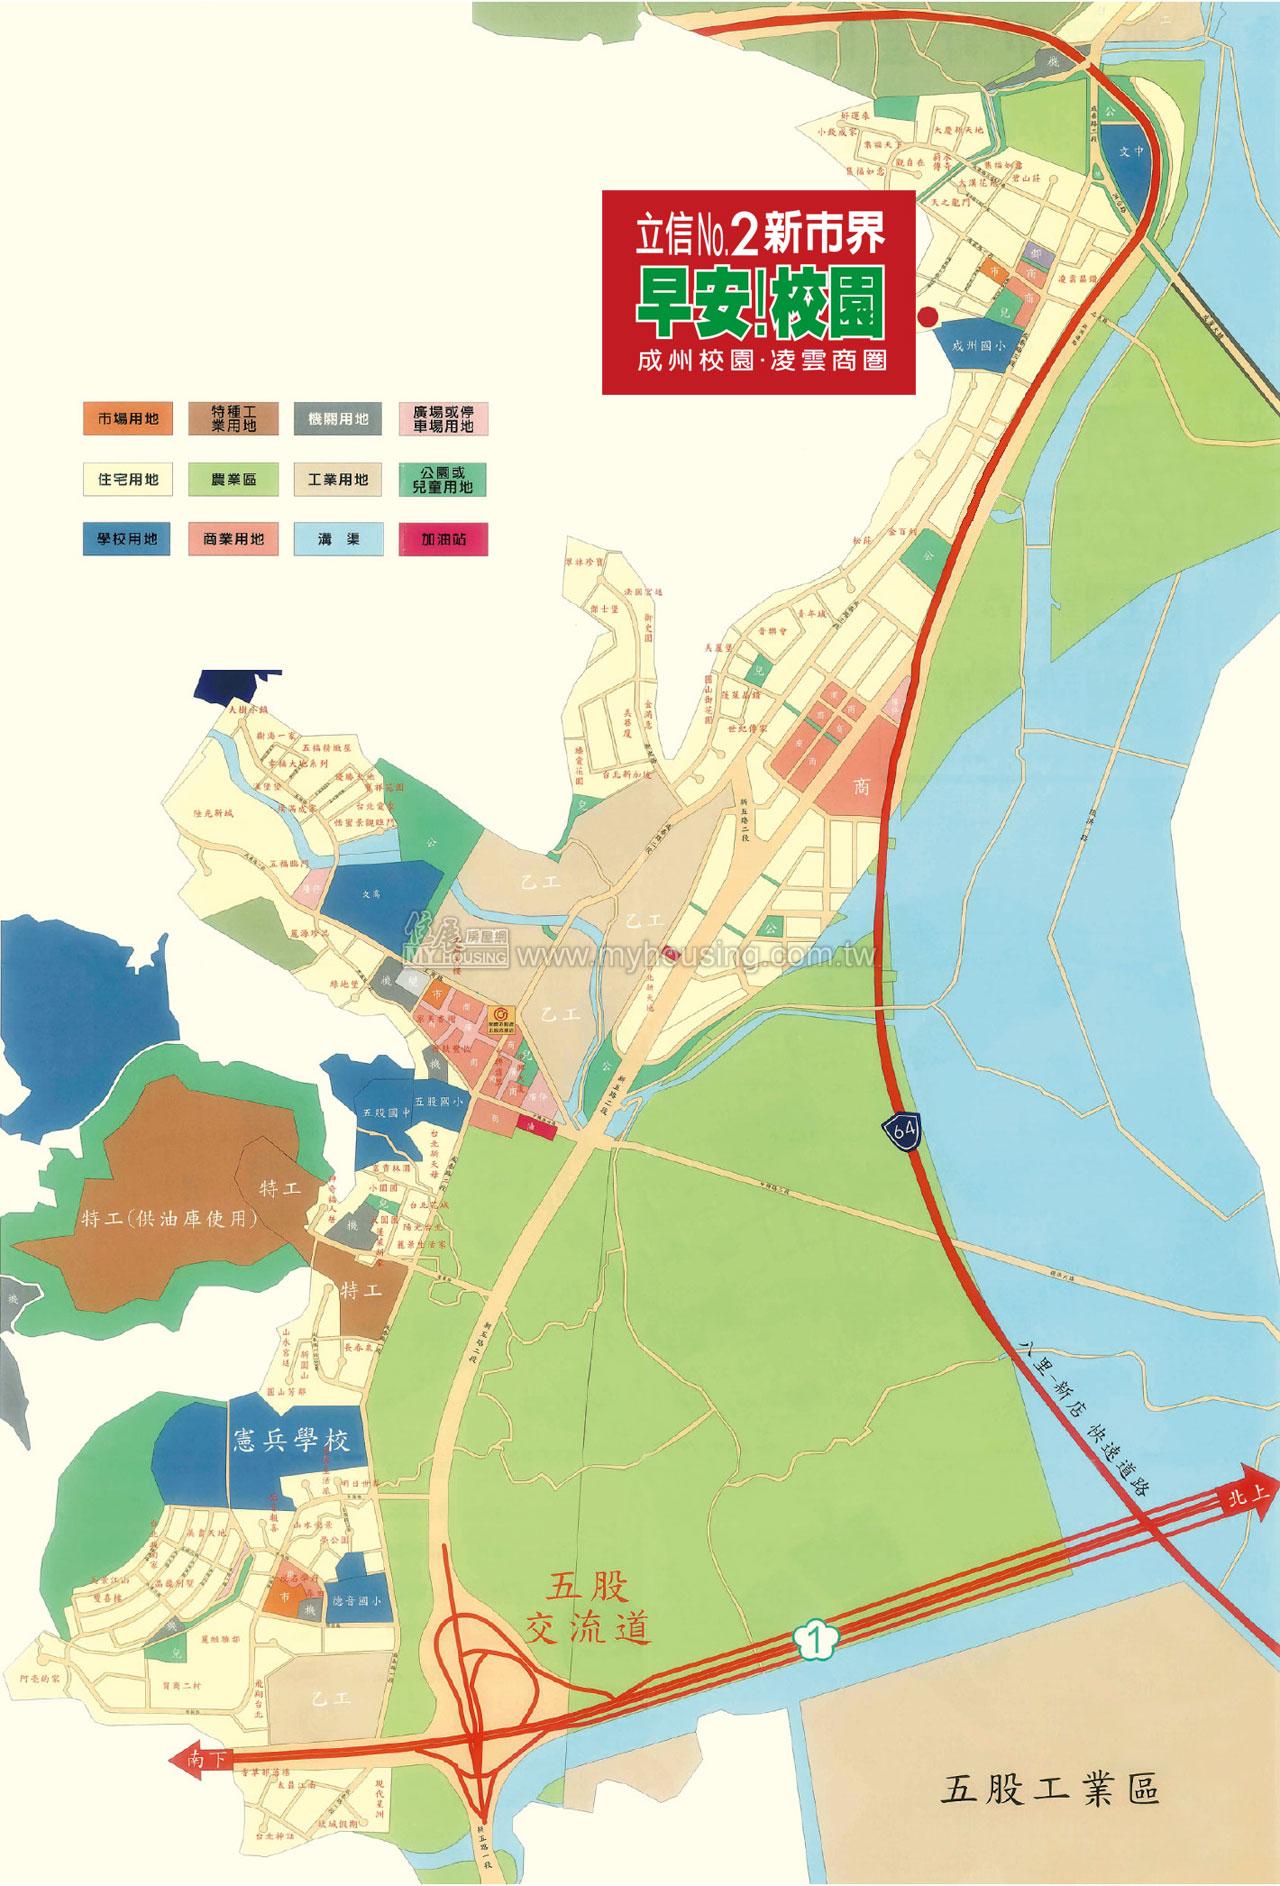 地图 1280_1886 竖版 竖屏